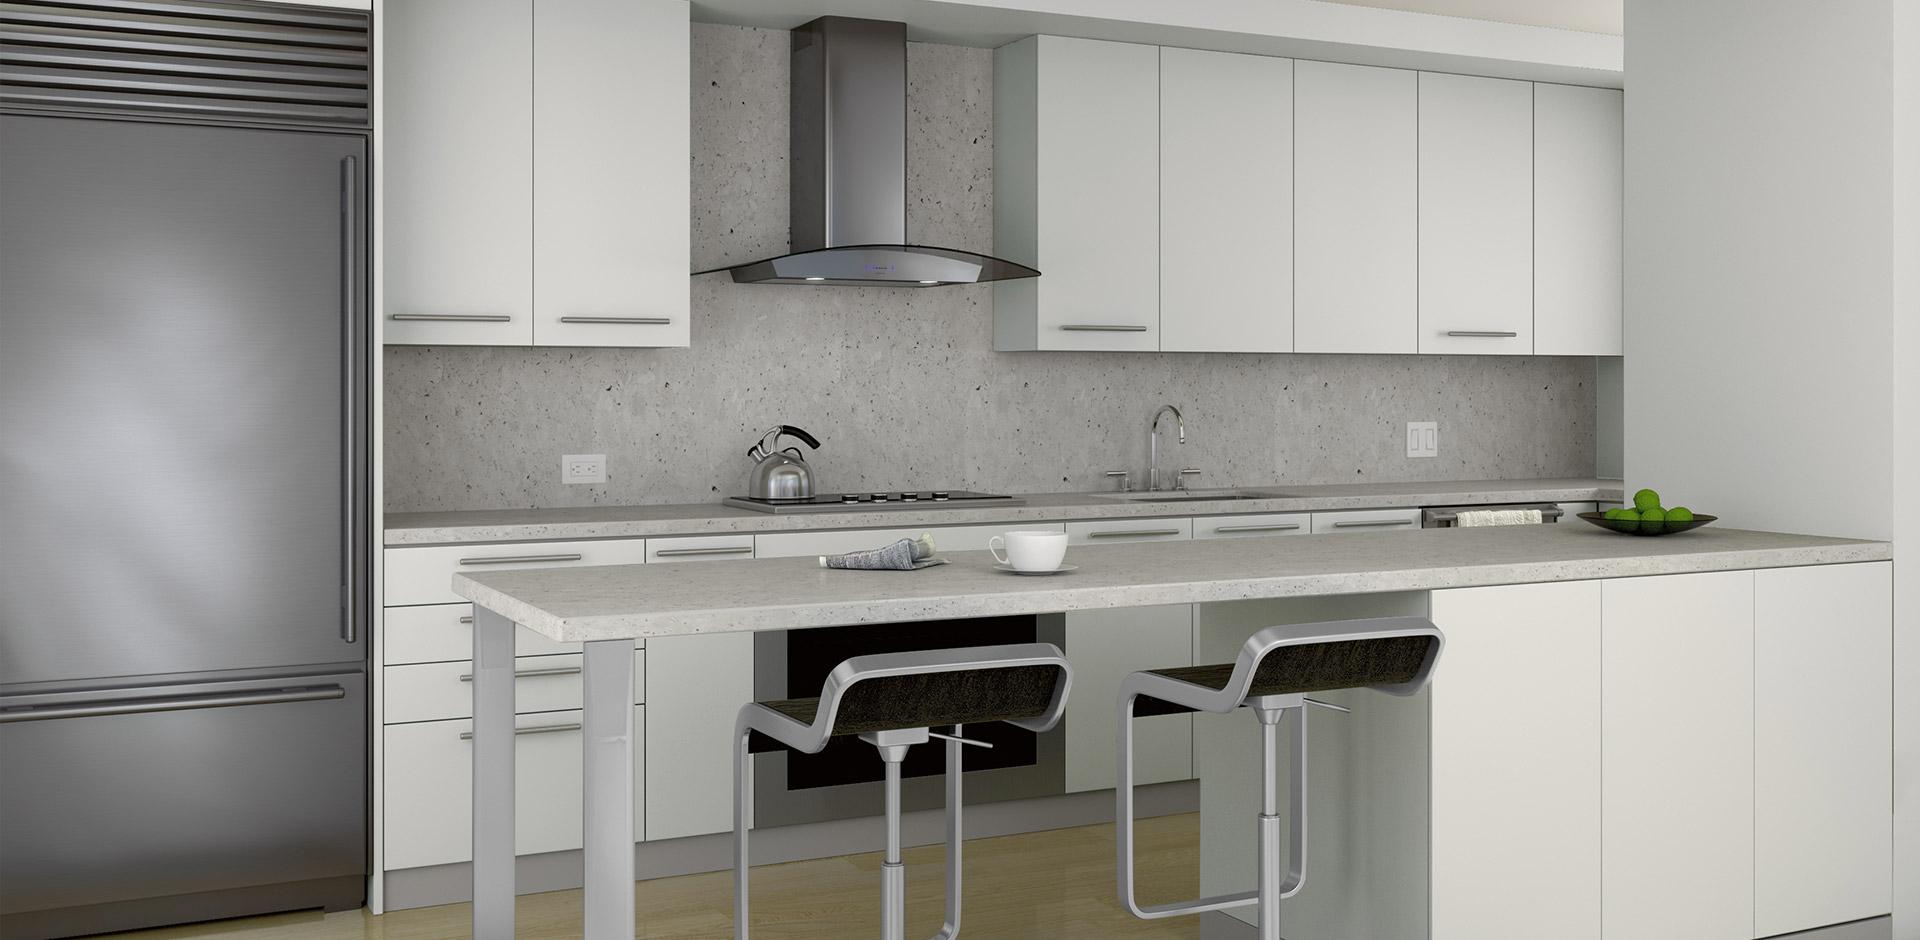 zephyr kitchen glass tile backsplash distinctive